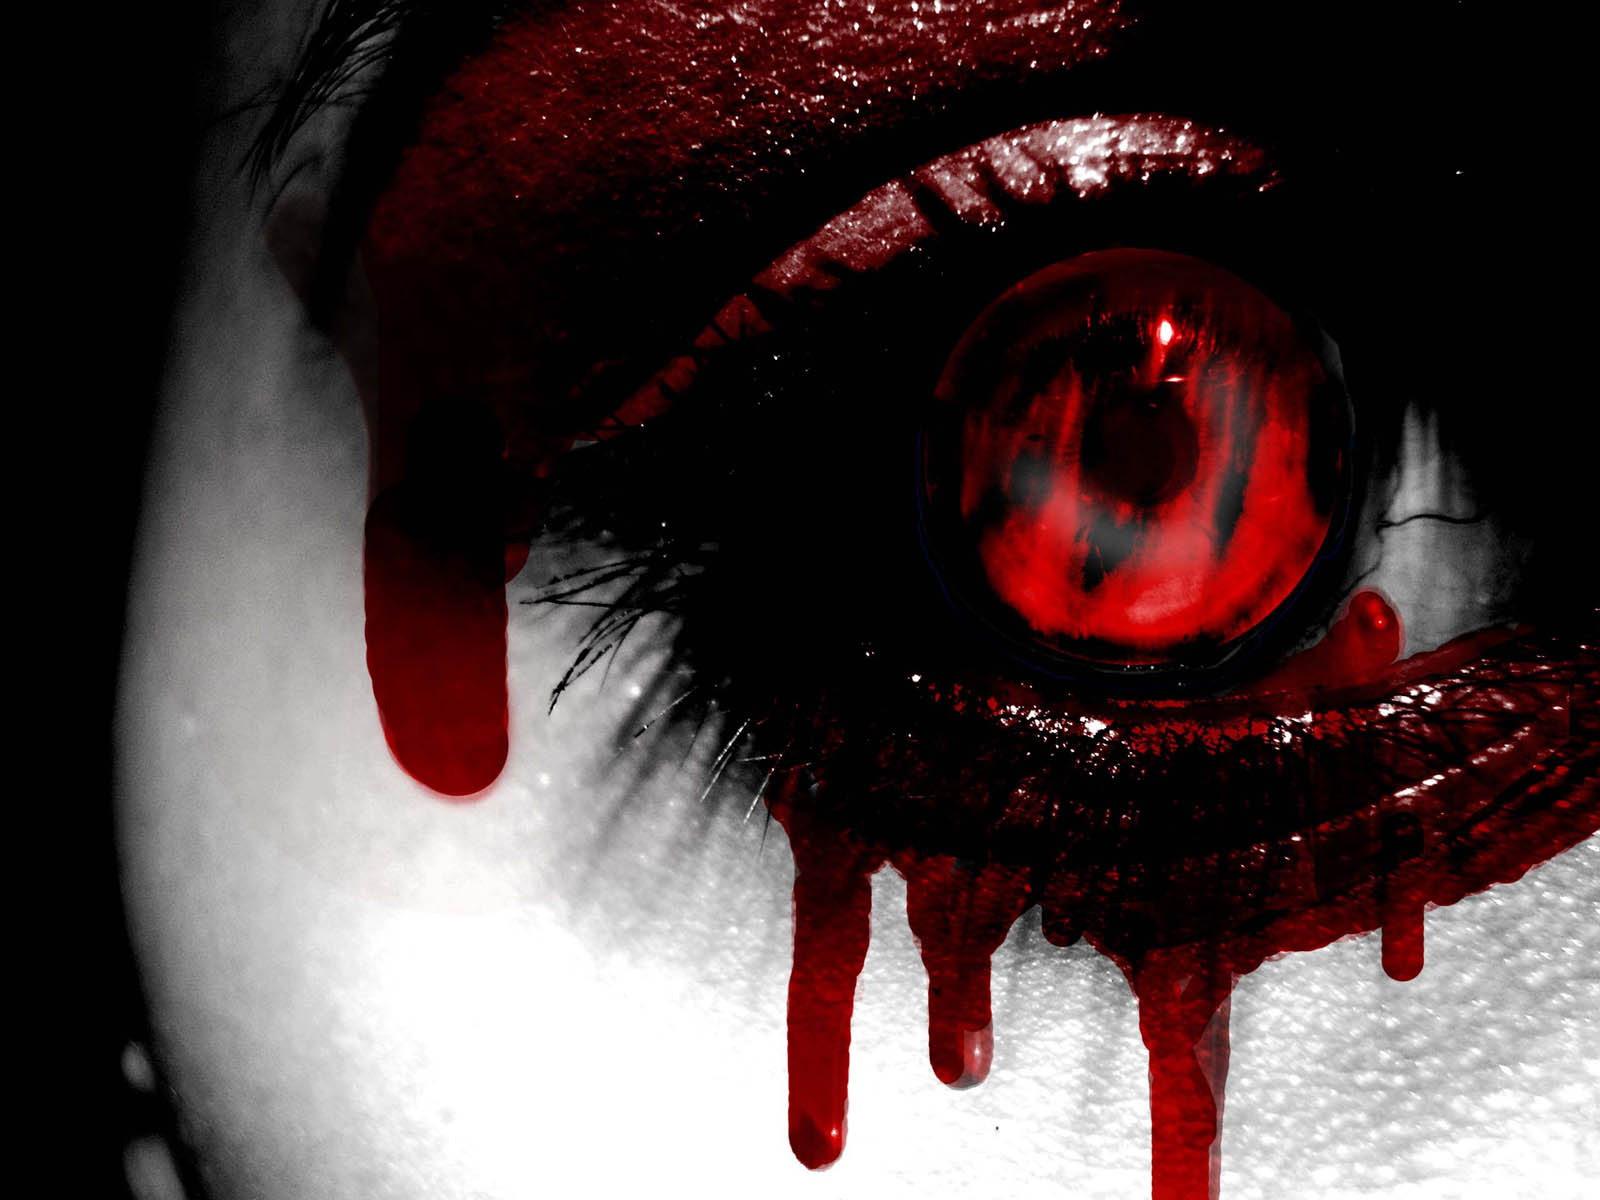 Horror Eye Desktop Backgrounds Horror Eye Photos HorrorEye Images 1600x1200